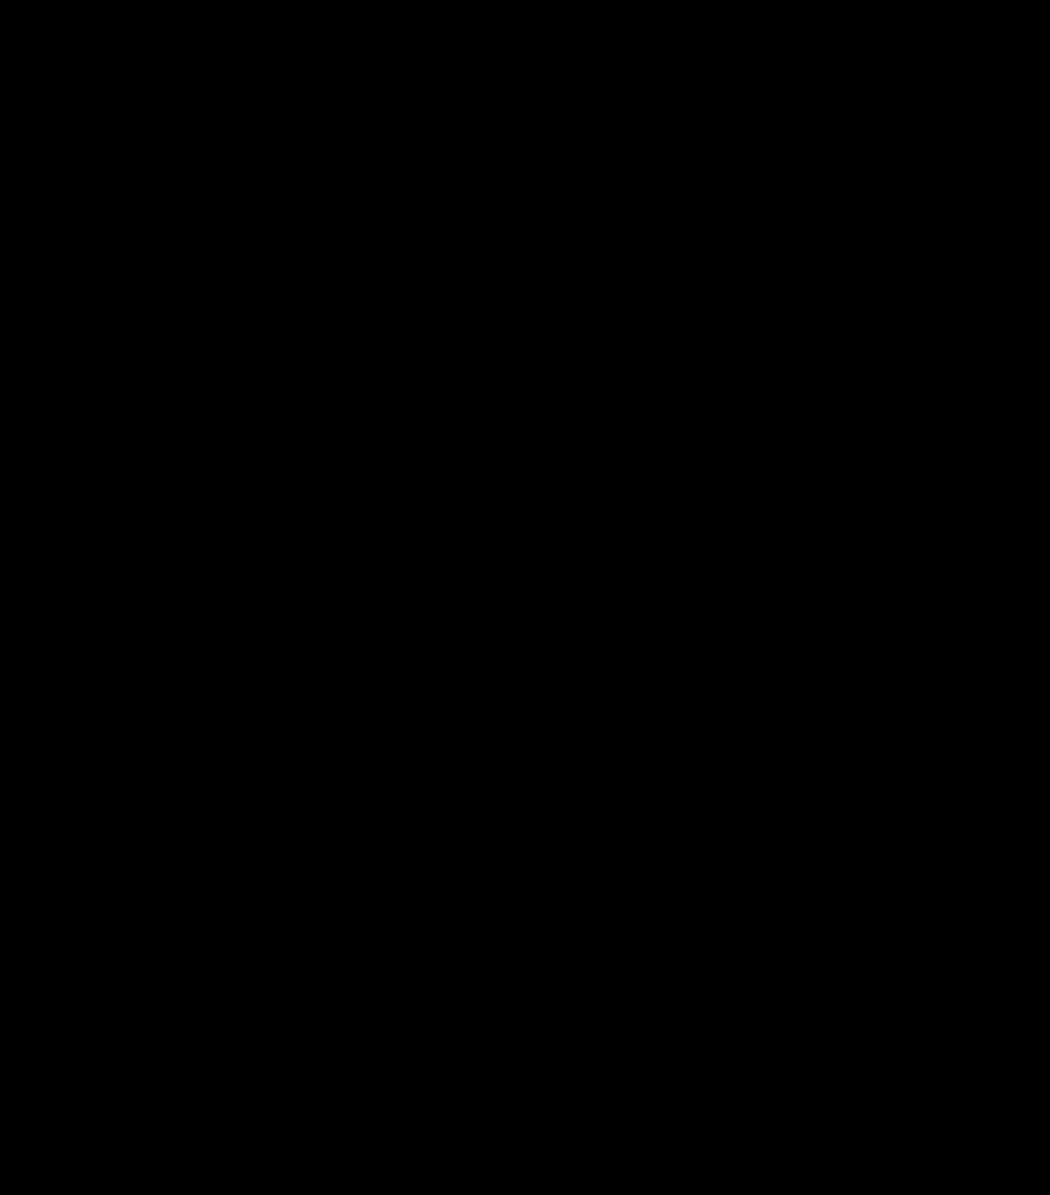 Batman clipart batman silhouette. Logo png decal transparent